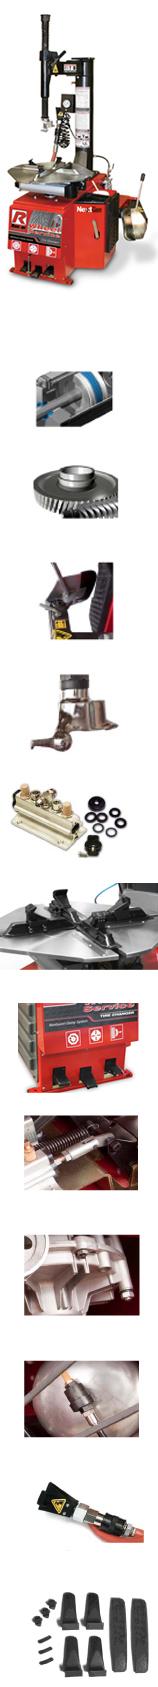 R980XR-XRF-Ranger-Tire-Changer-Features.jpg